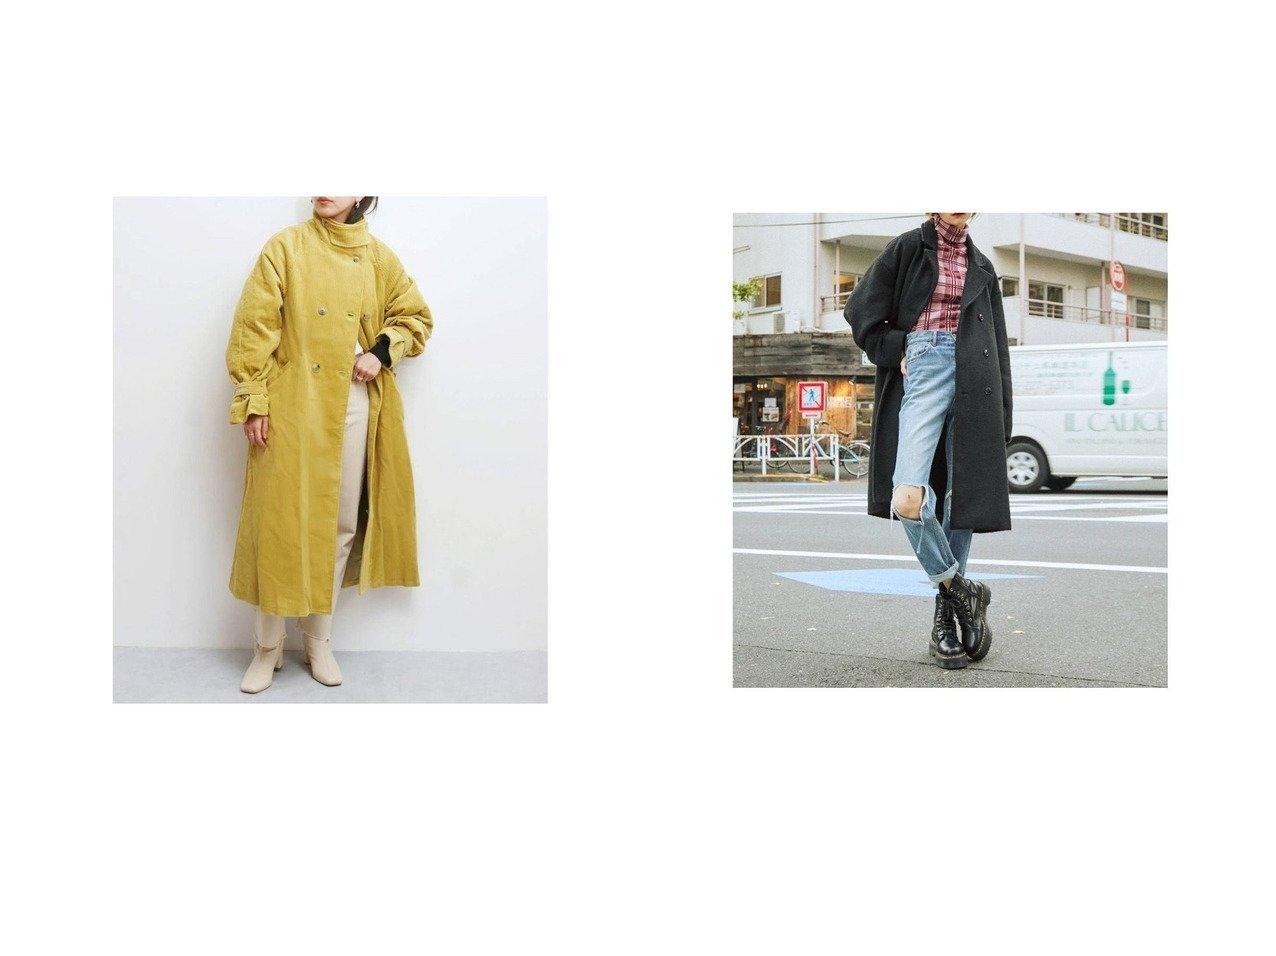 【jouetie/ジュエティ】のjouetie オーバーチェスターコート&【UNGRID/アングリッド】のUngrid ハイネックコーデュロイロングコート アウターのおすすめ!人気、トレンド・レディースファッションの通販 おすすめで人気の流行・トレンド、ファッションの通販商品 メンズファッション・キッズファッション・インテリア・家具・レディースファッション・服の通販 founy(ファニー) https://founy.com/ ファッション Fashion レディースファッション WOMEN アウター Coat Outerwear コート Coats チェスターコート Top Coat 春 Spring コーデュロイ 今季 シューズ ストレート スリーブ デニム ハイネック フラット ボトム ロング 冬 Winter 2021年 2021 S/S 春夏 SS Spring/Summer 2021 春夏 S/S SS Spring/Summer 2021 アクリル チェスターコート ミックス  ID:crp329100000015034